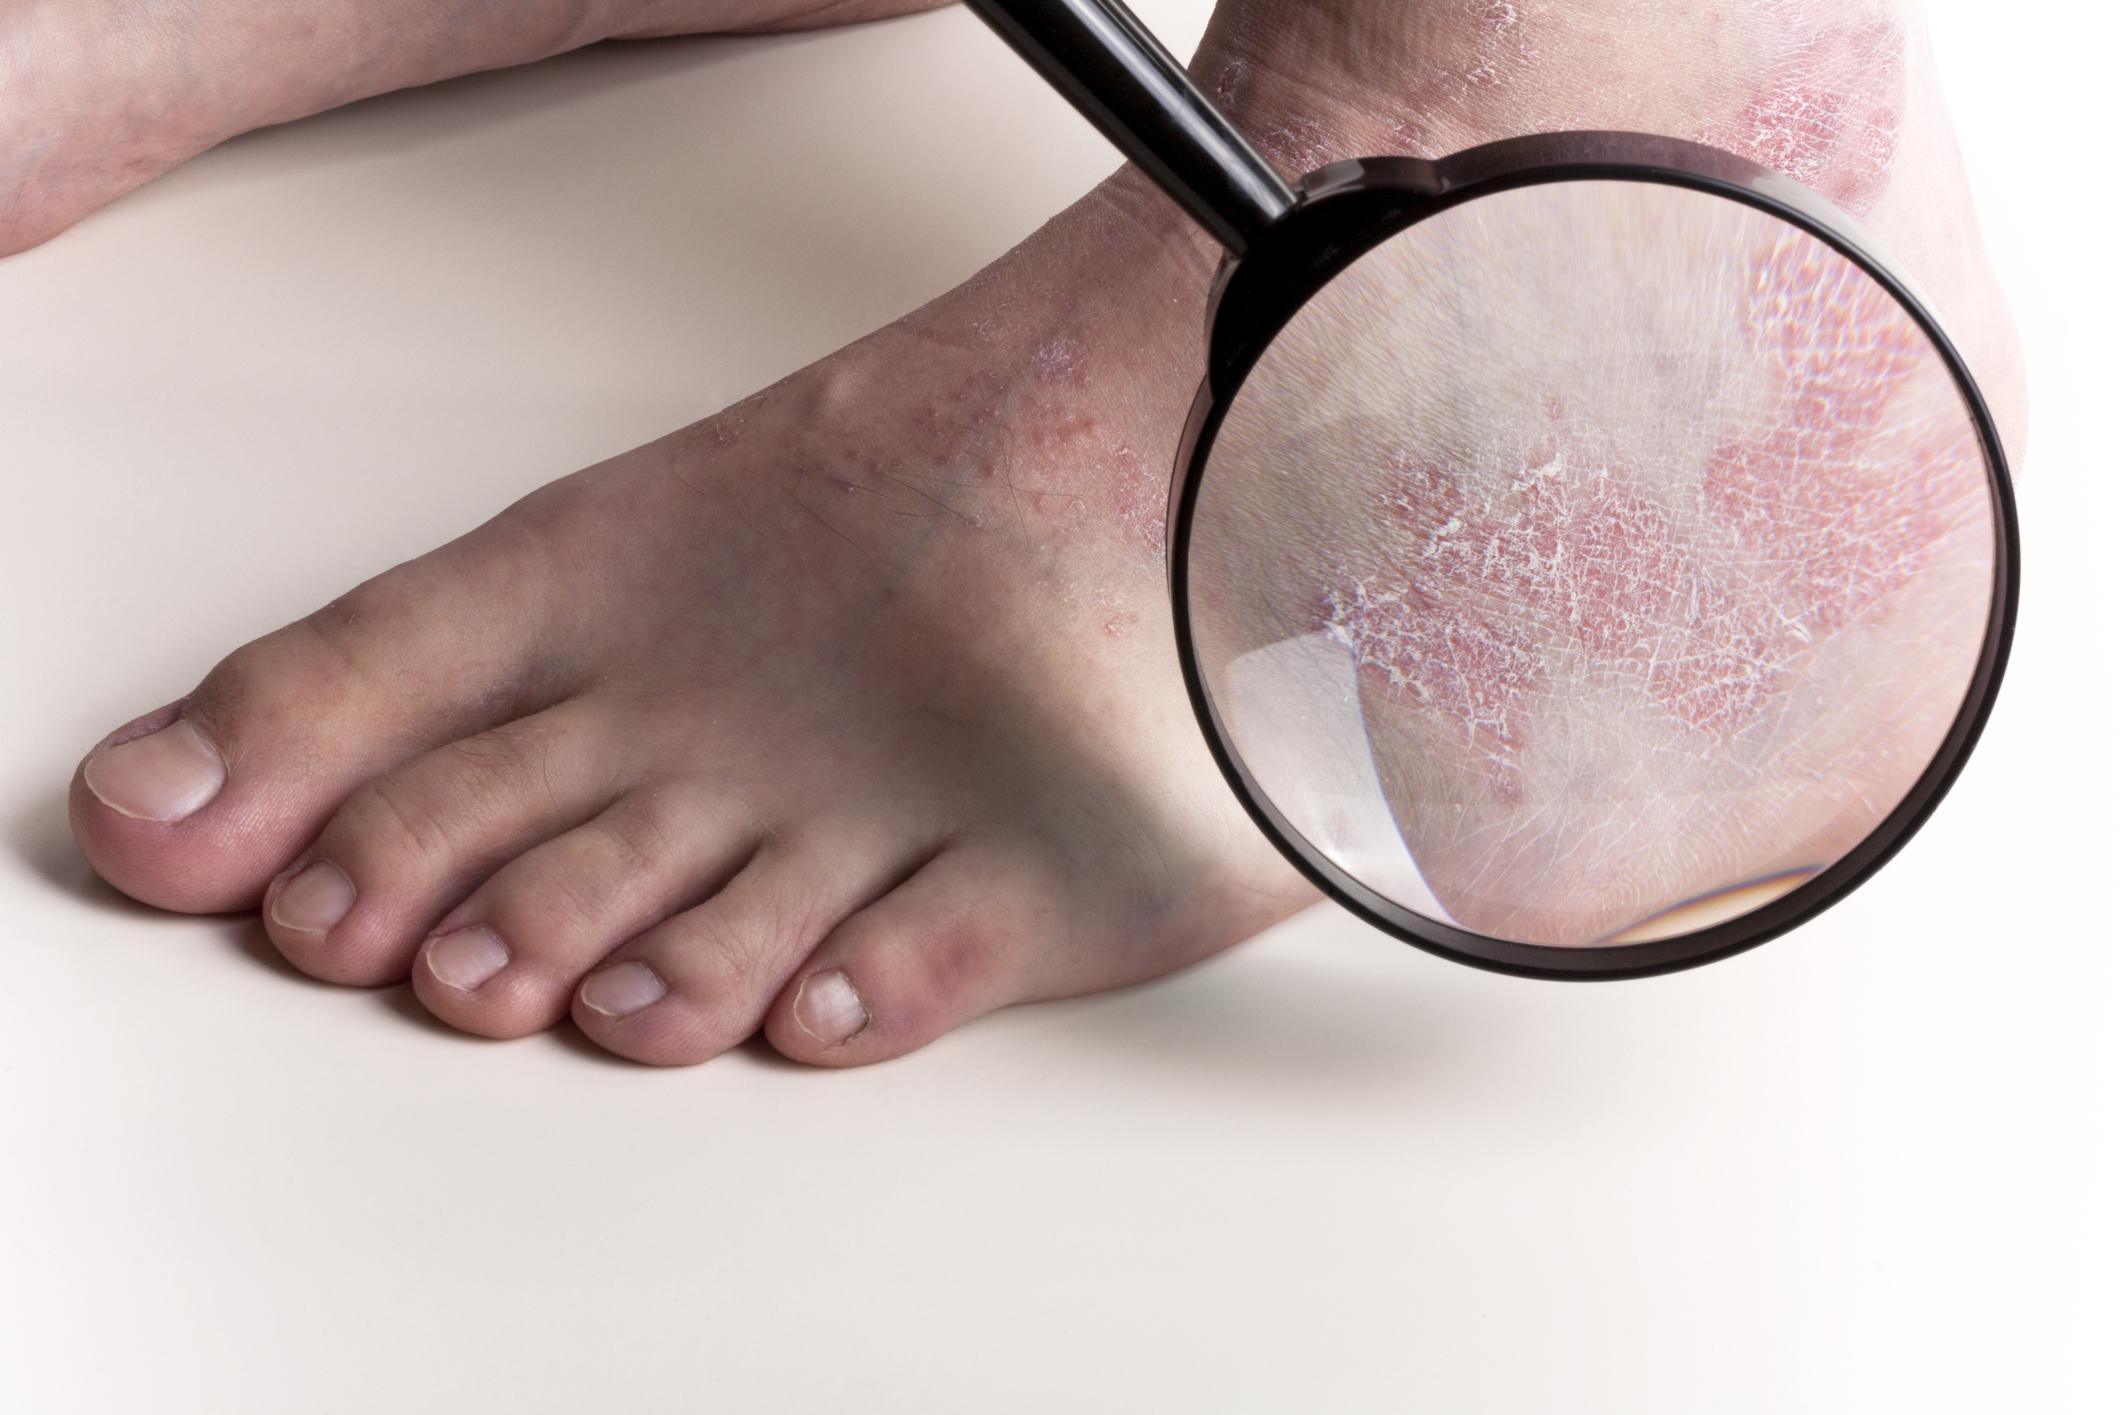 Стригущий лишай у человека (трихофития): фото, симптомы, лечение